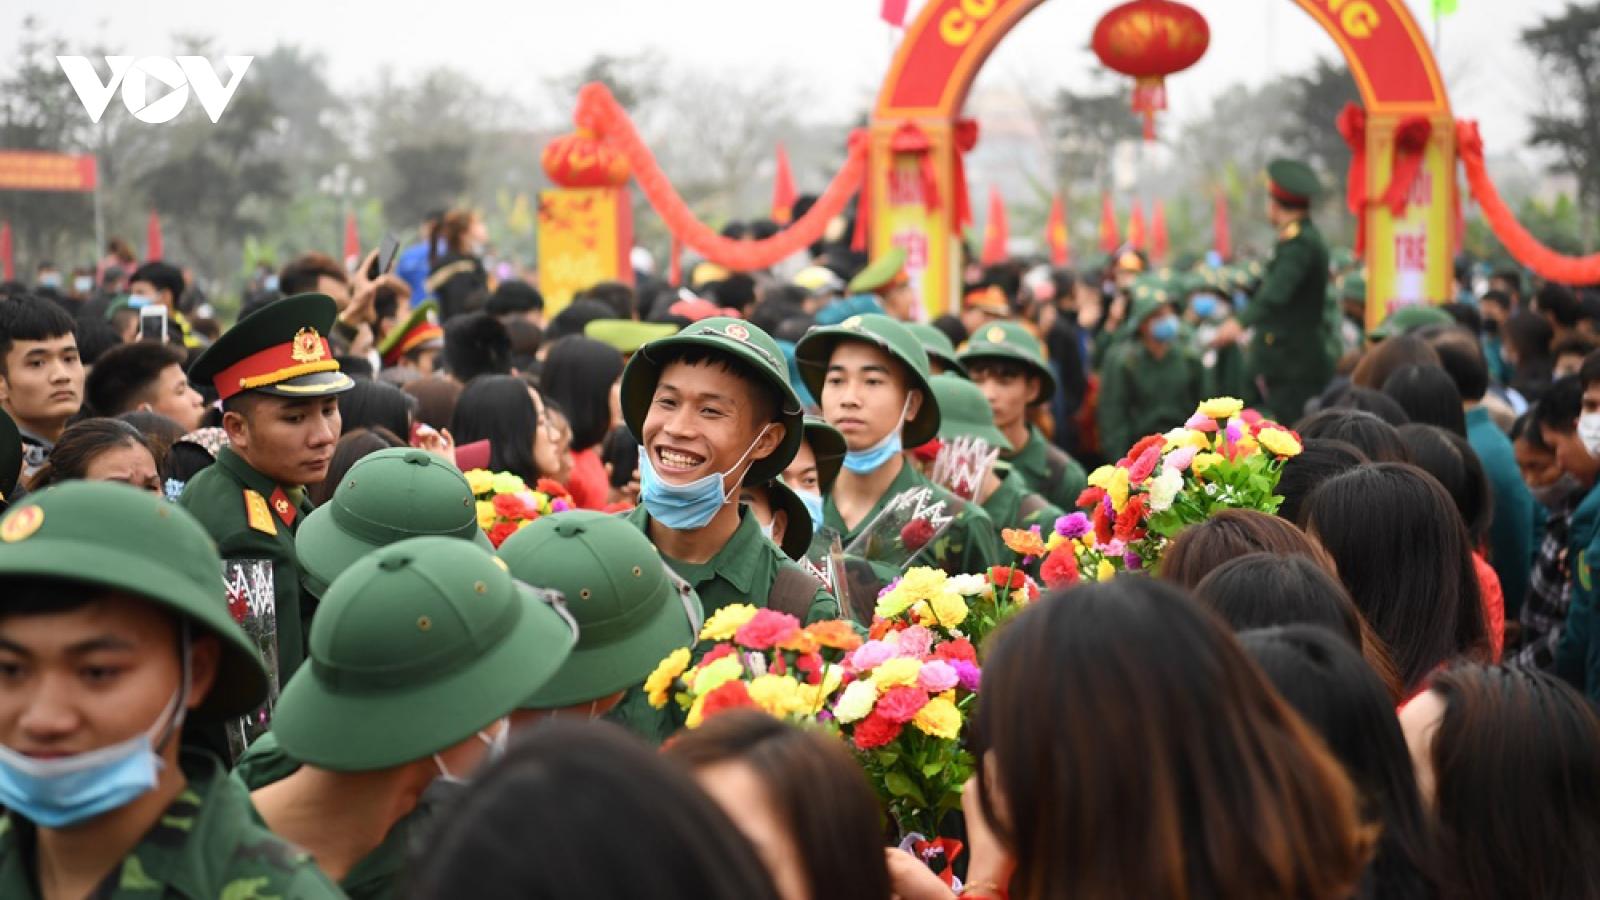 Toàn bộ tân binh ở Hà Nội được xét nghiệm Covid-19 trước khi giao quân